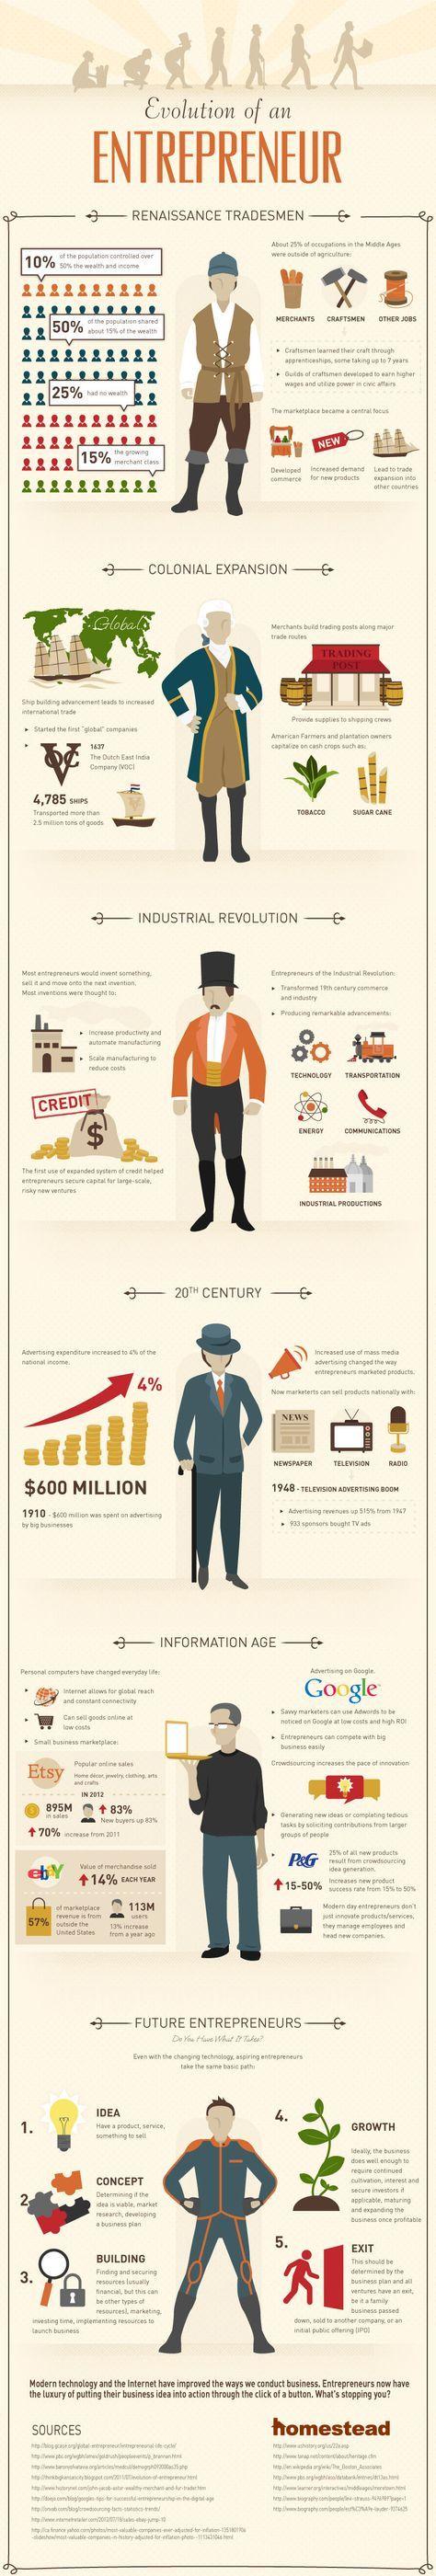 [Infographie] L'évolution de la figure de l'entrepreneur depuis le Moyen-Age jusqu'à nos jours -